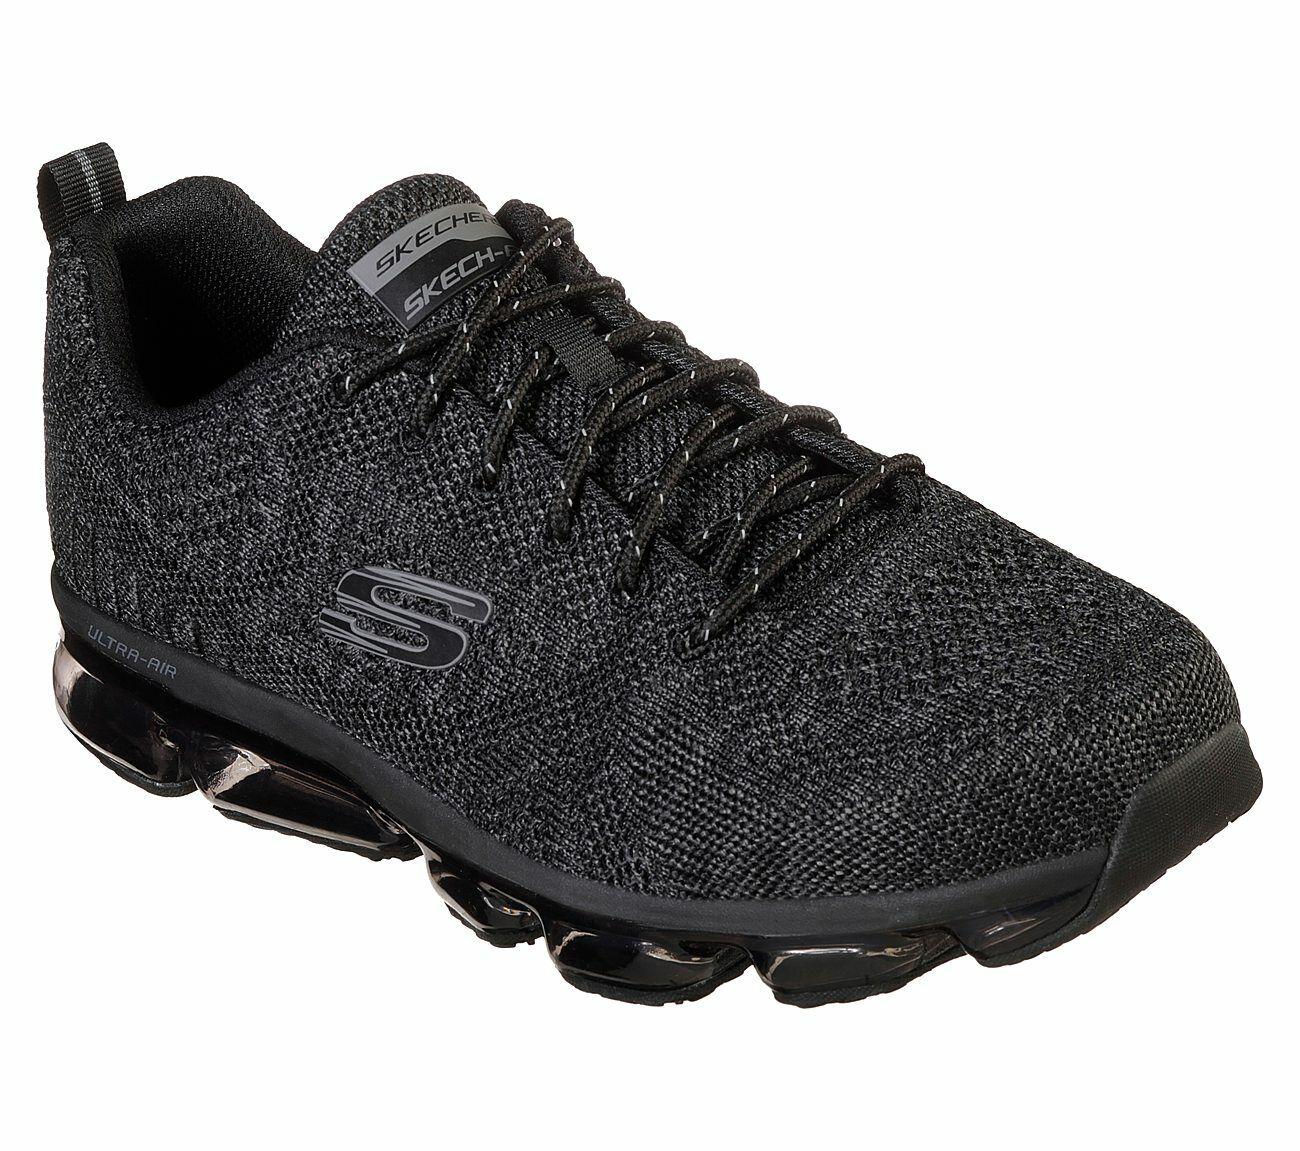 Skechers Negro Zapatos Hombres Memoria Foam Encaje De Malla De Punto Deportivo Air Athletic 52973